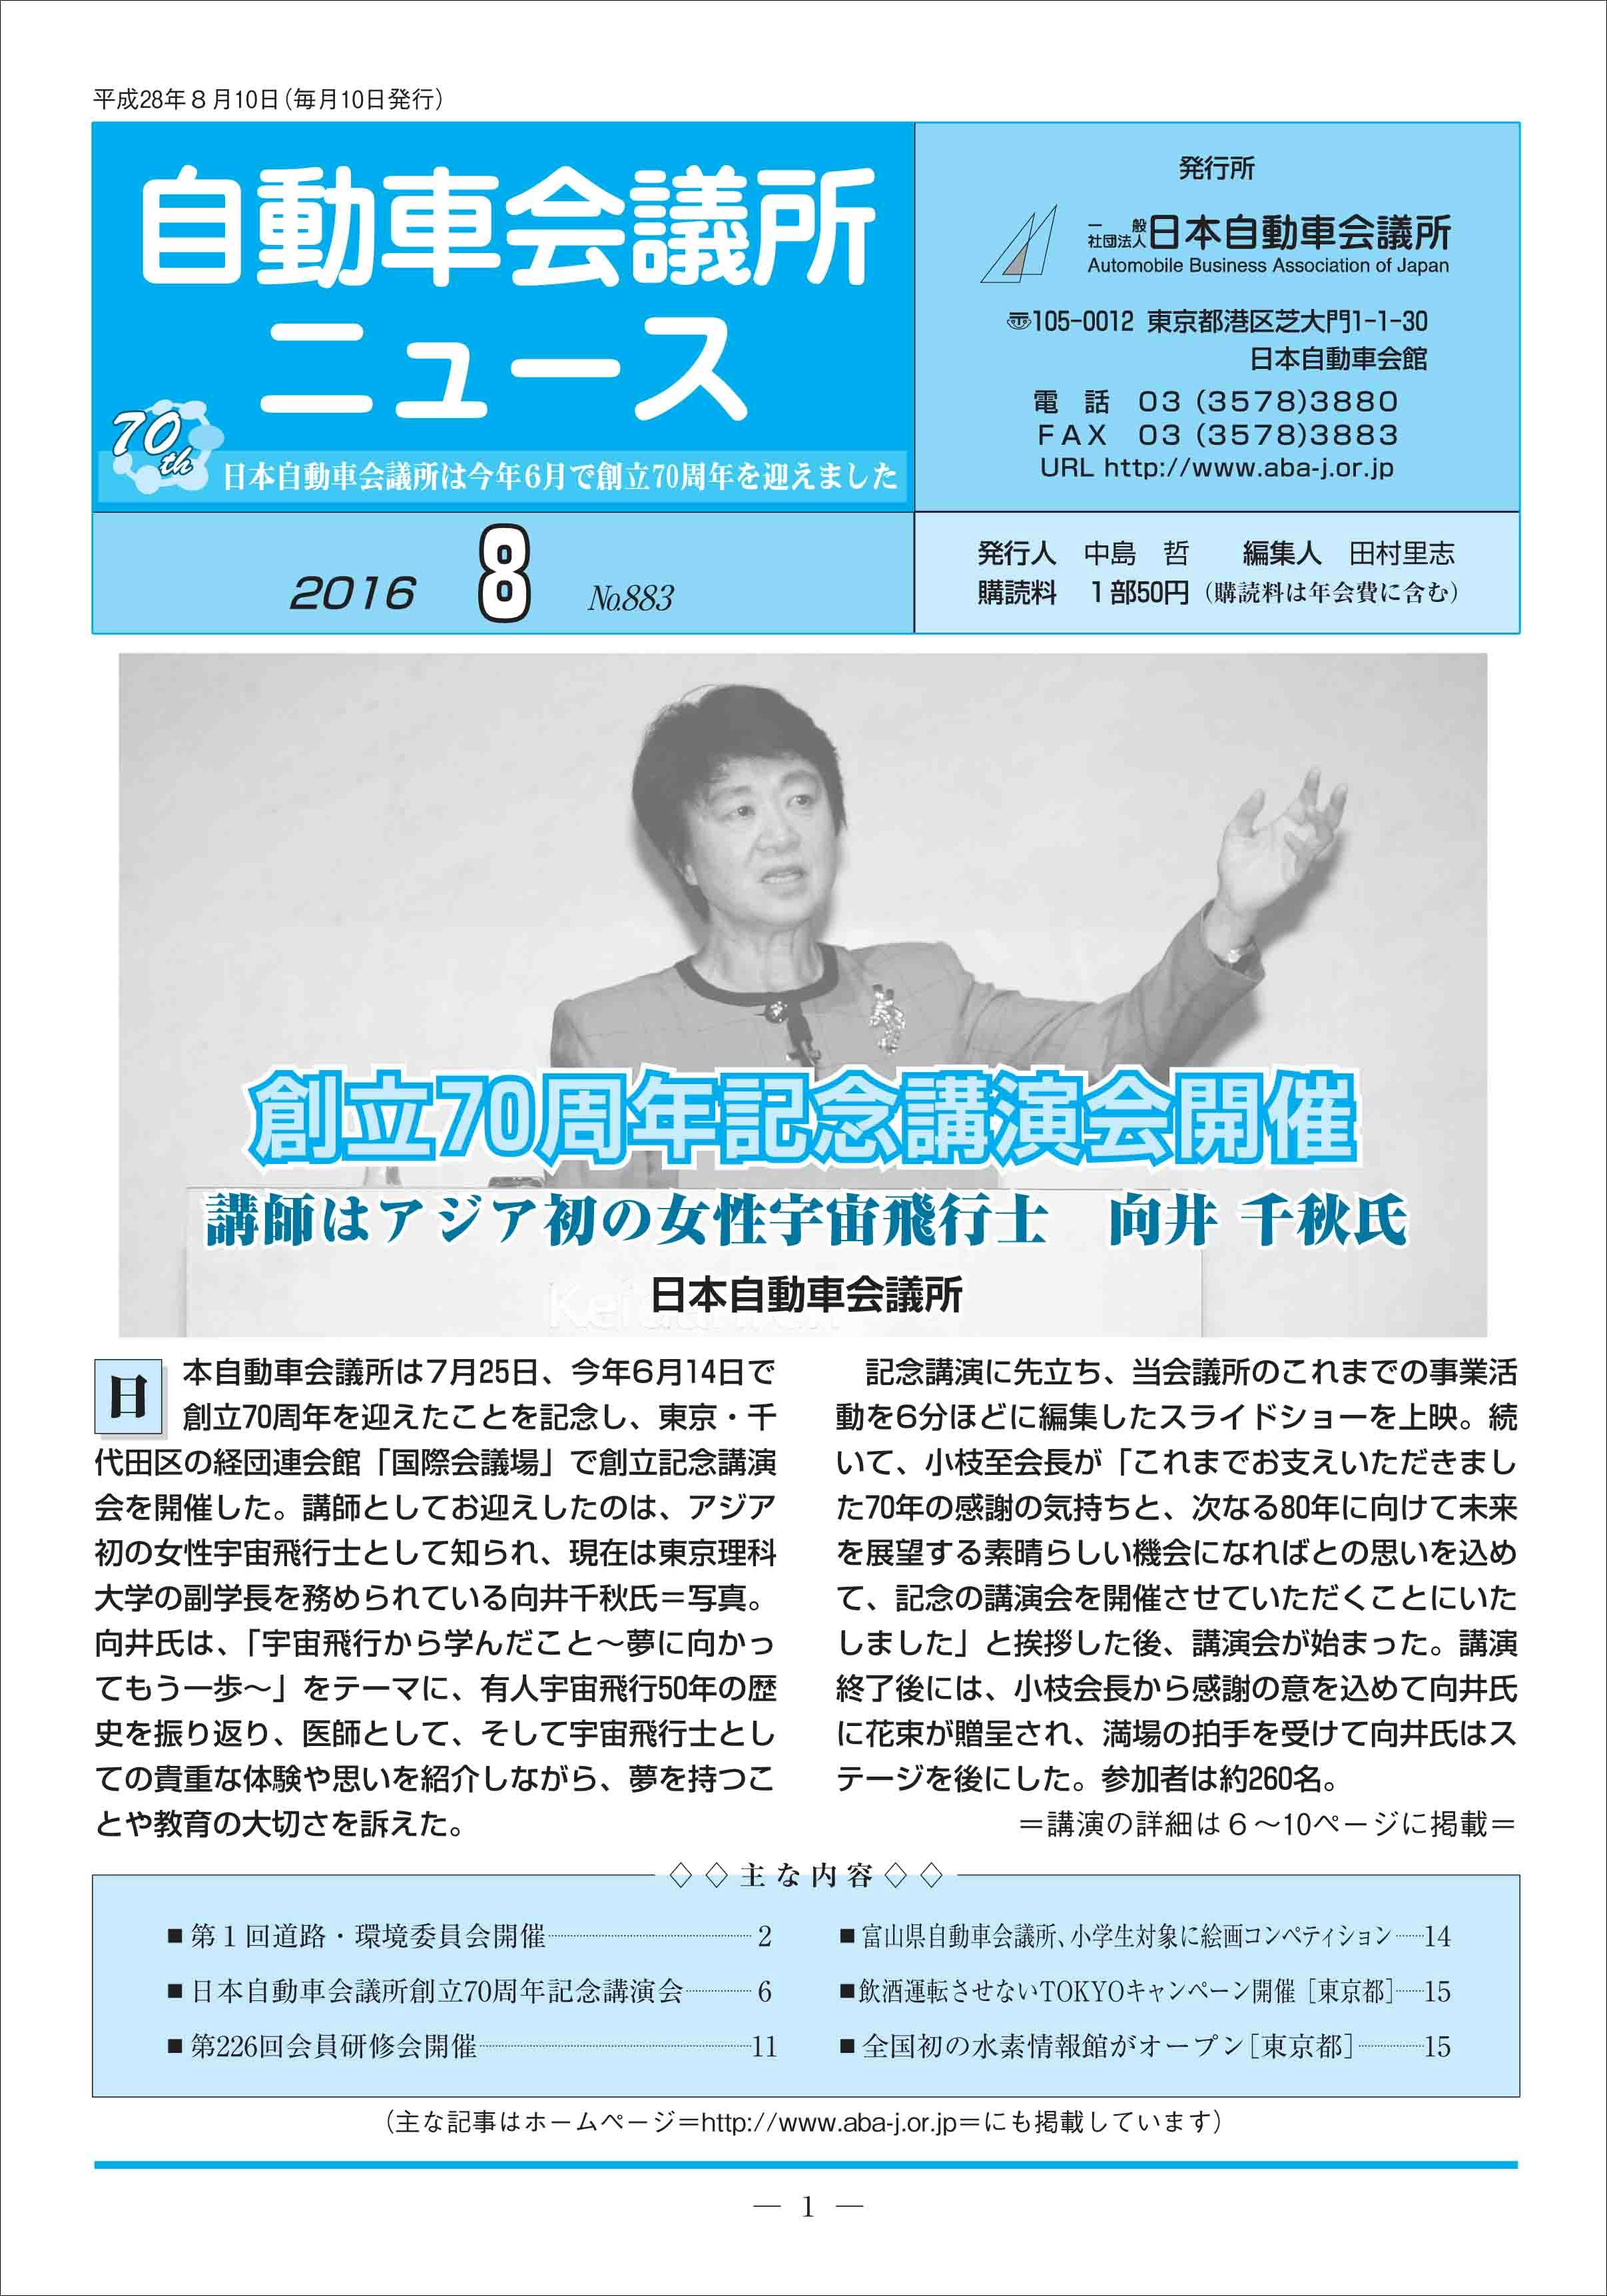 会報「自動車会議所ニュース」2016年8月号を掲載